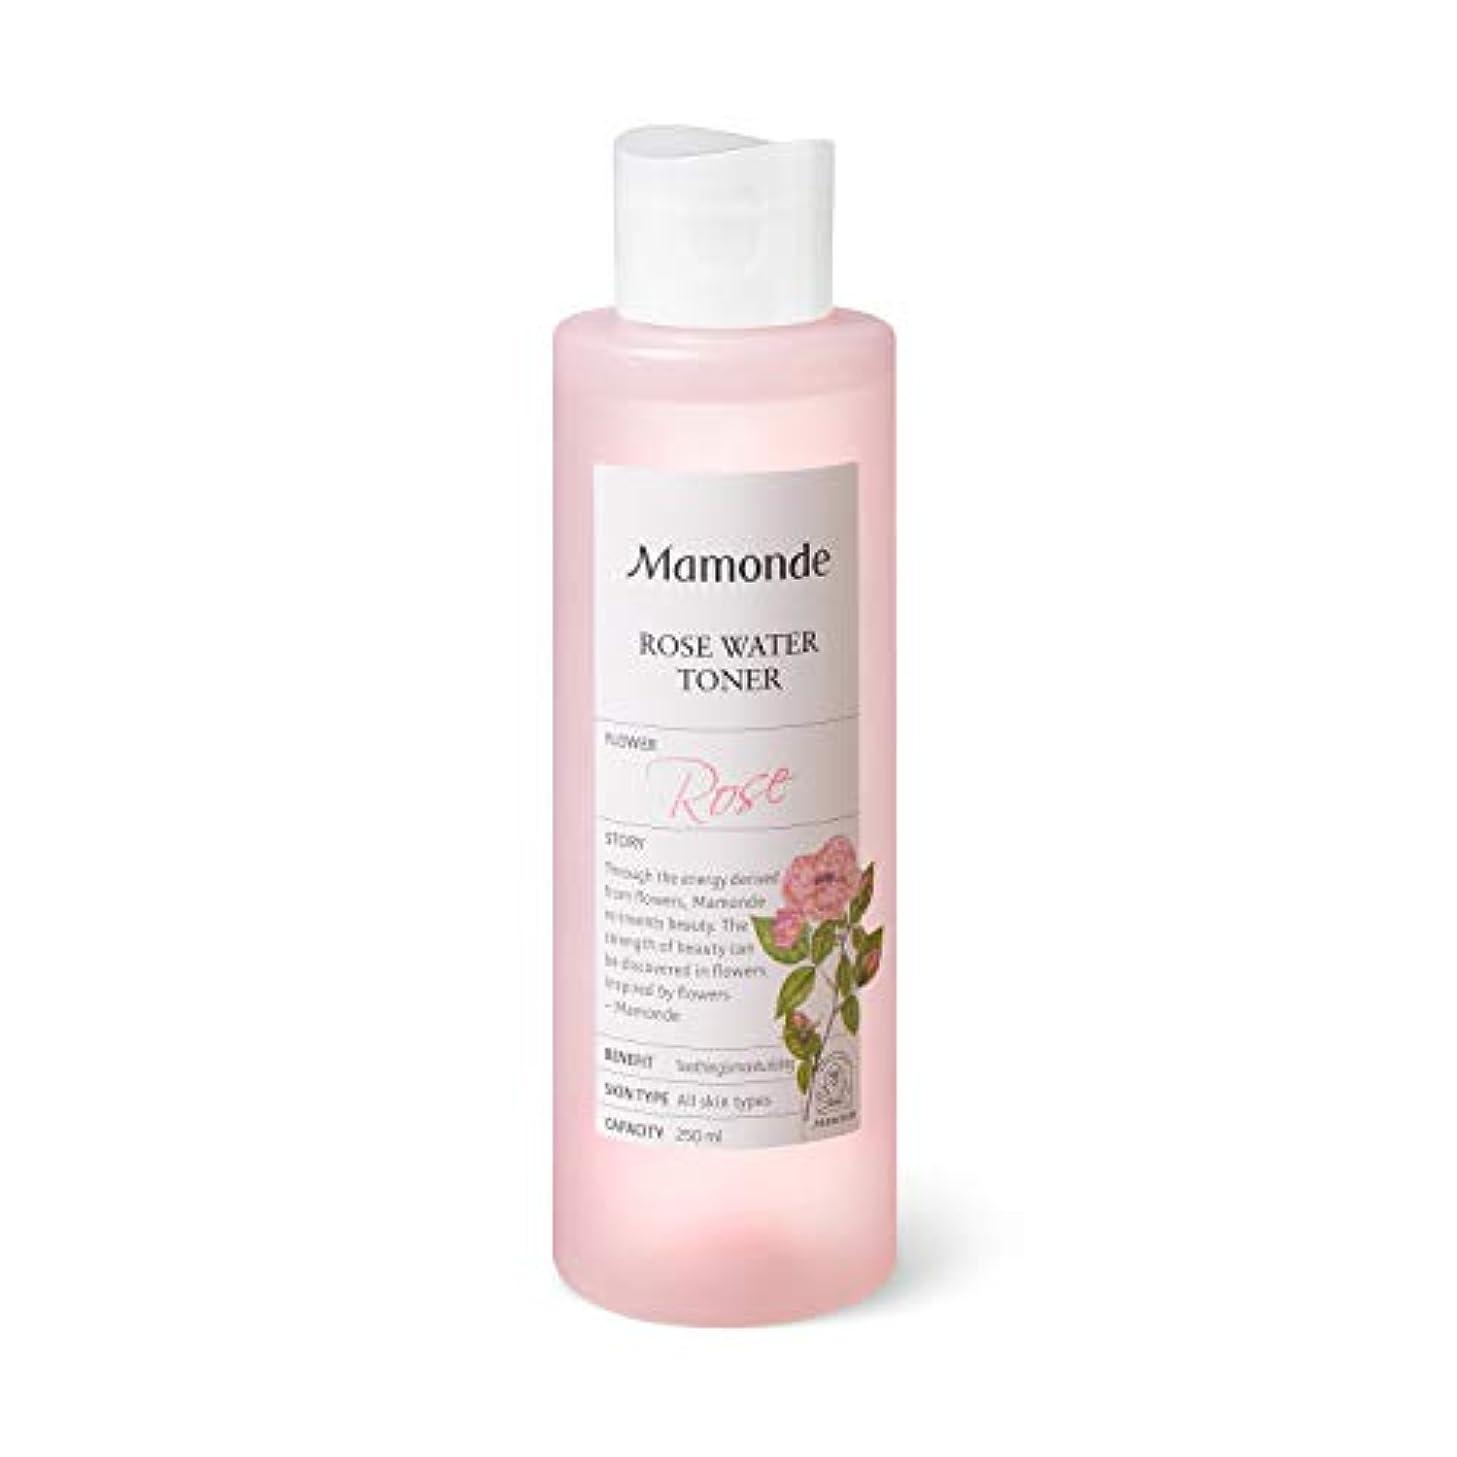 買い手適切にチューインガム[マモンド]ローズウォータートナー(Mamonde Rose Water Toner 250ml)